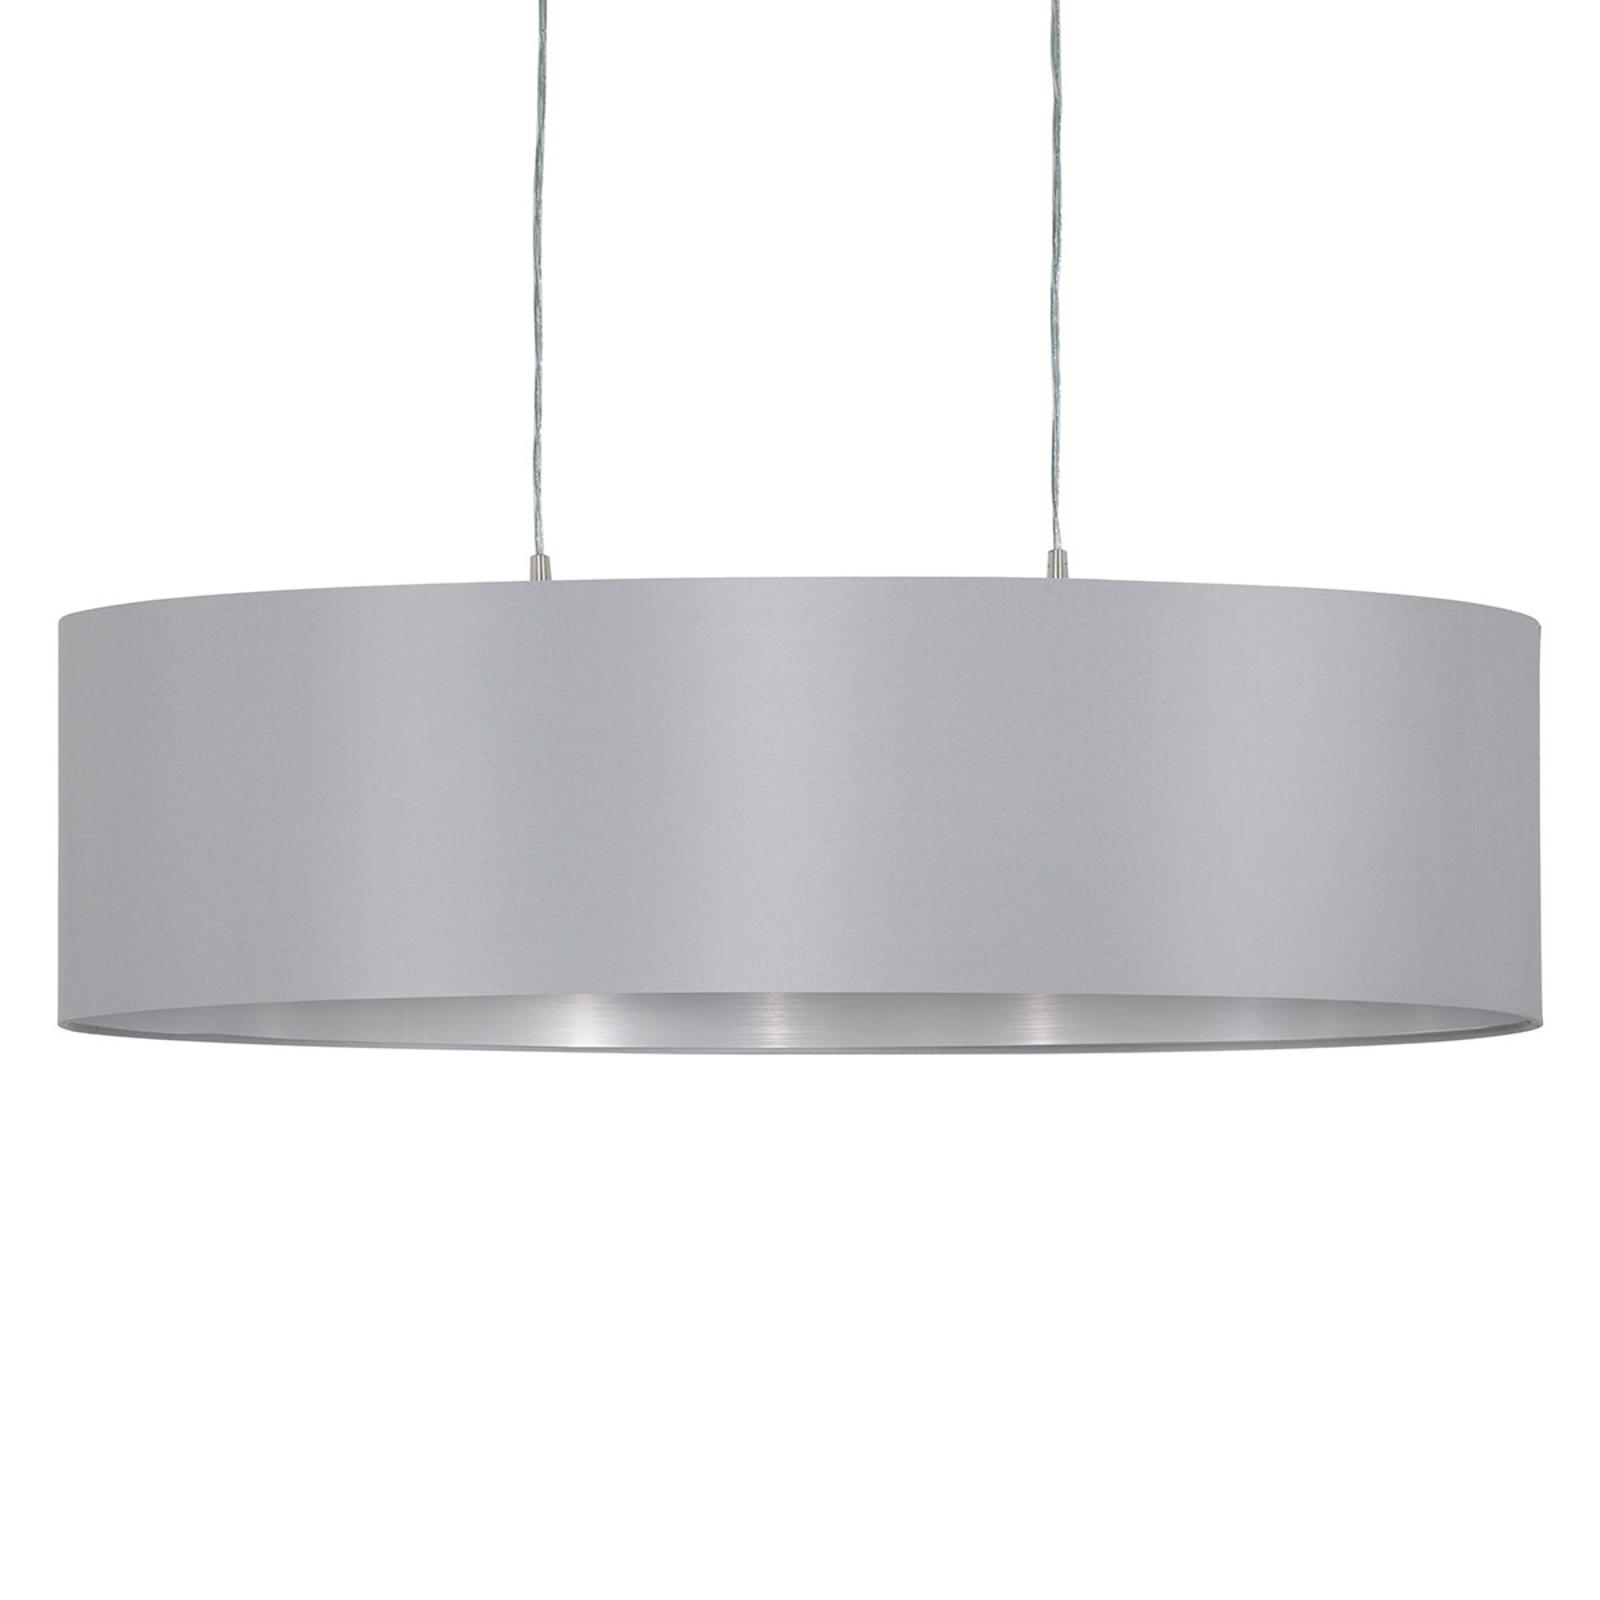 Hängeleuchte Maserlo oval, grau-silber